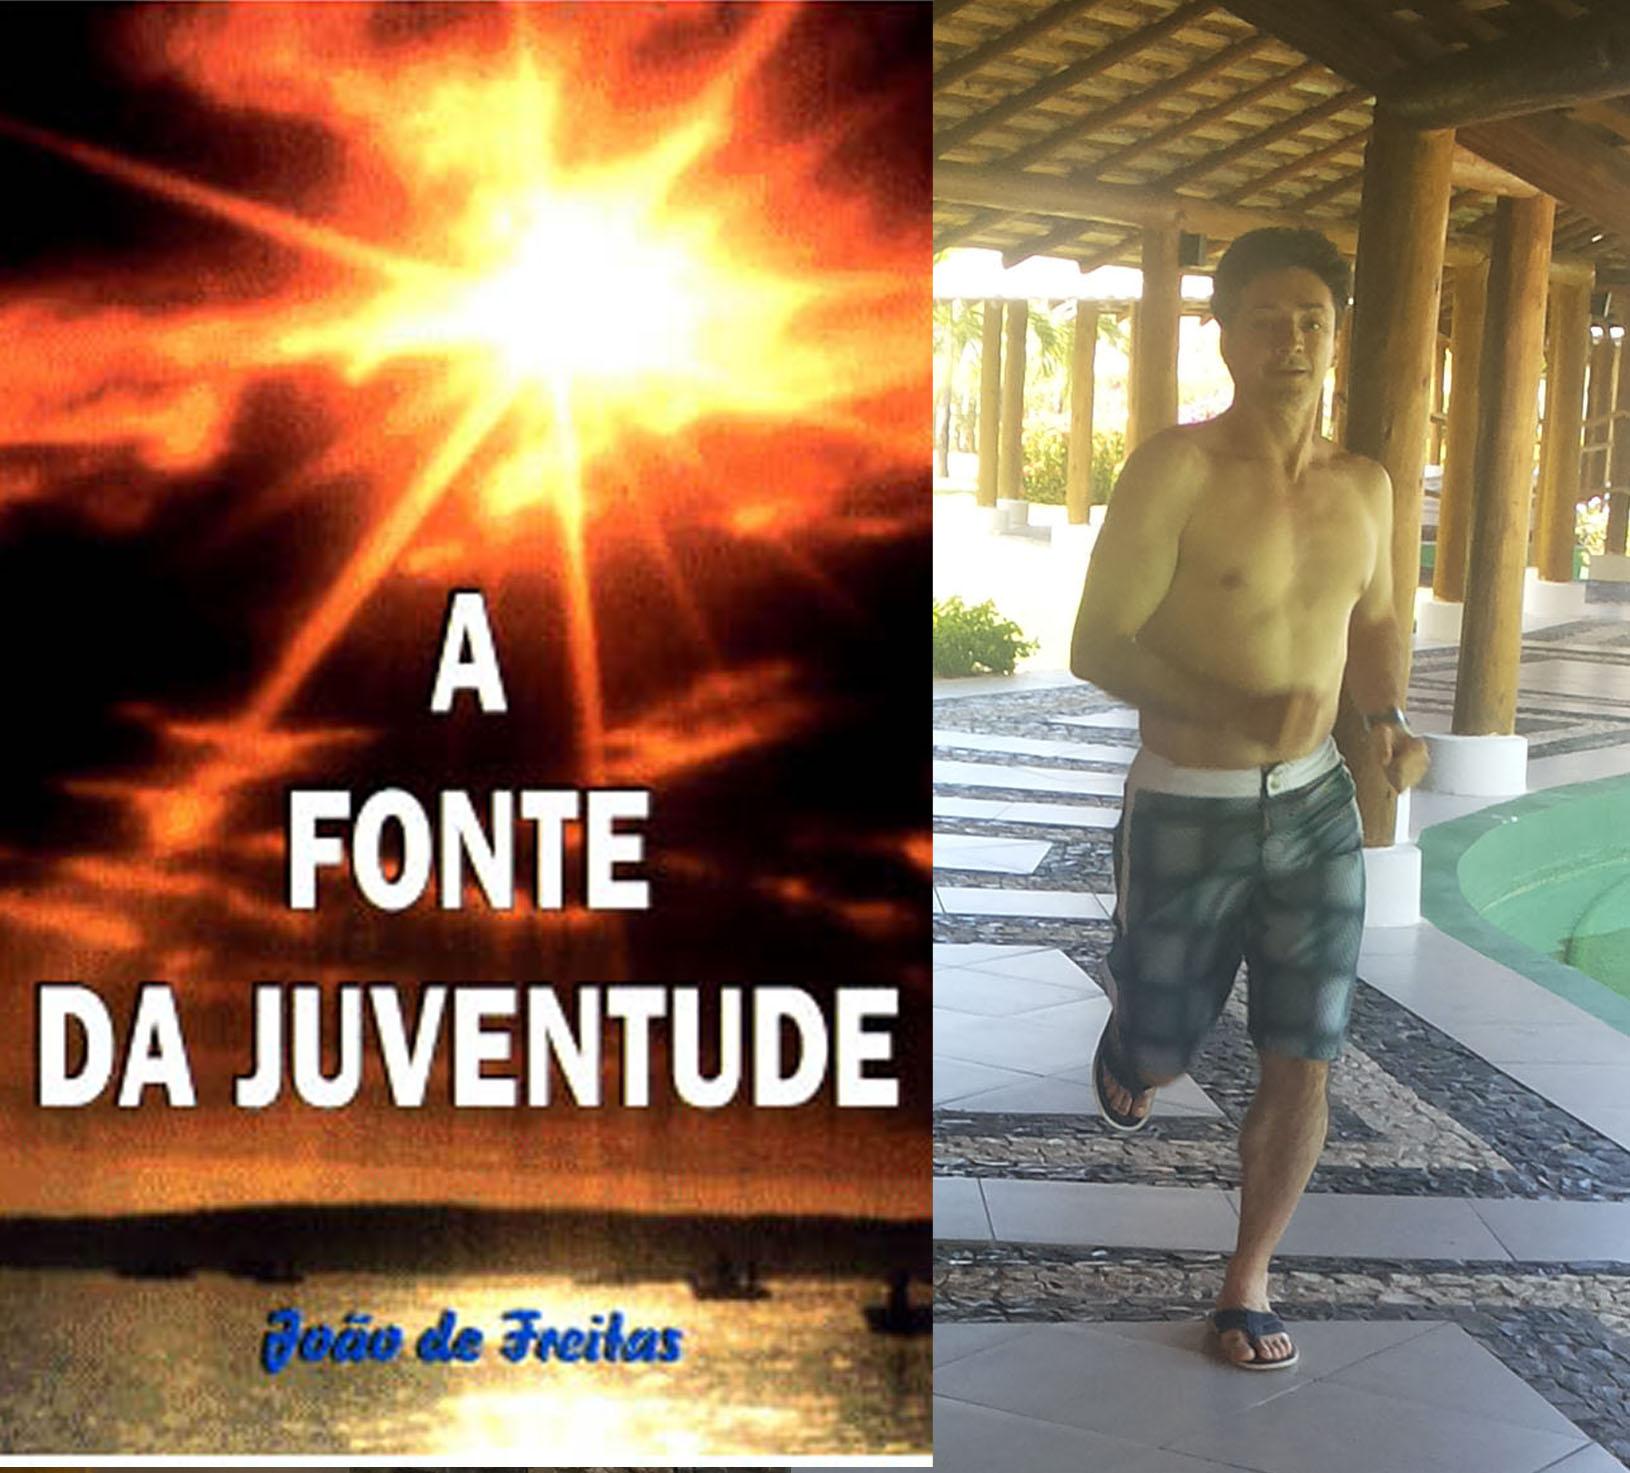 A FONTE DA JUVENTUDE, João de Freitas Pereira - O melhor caminho para a longevidade